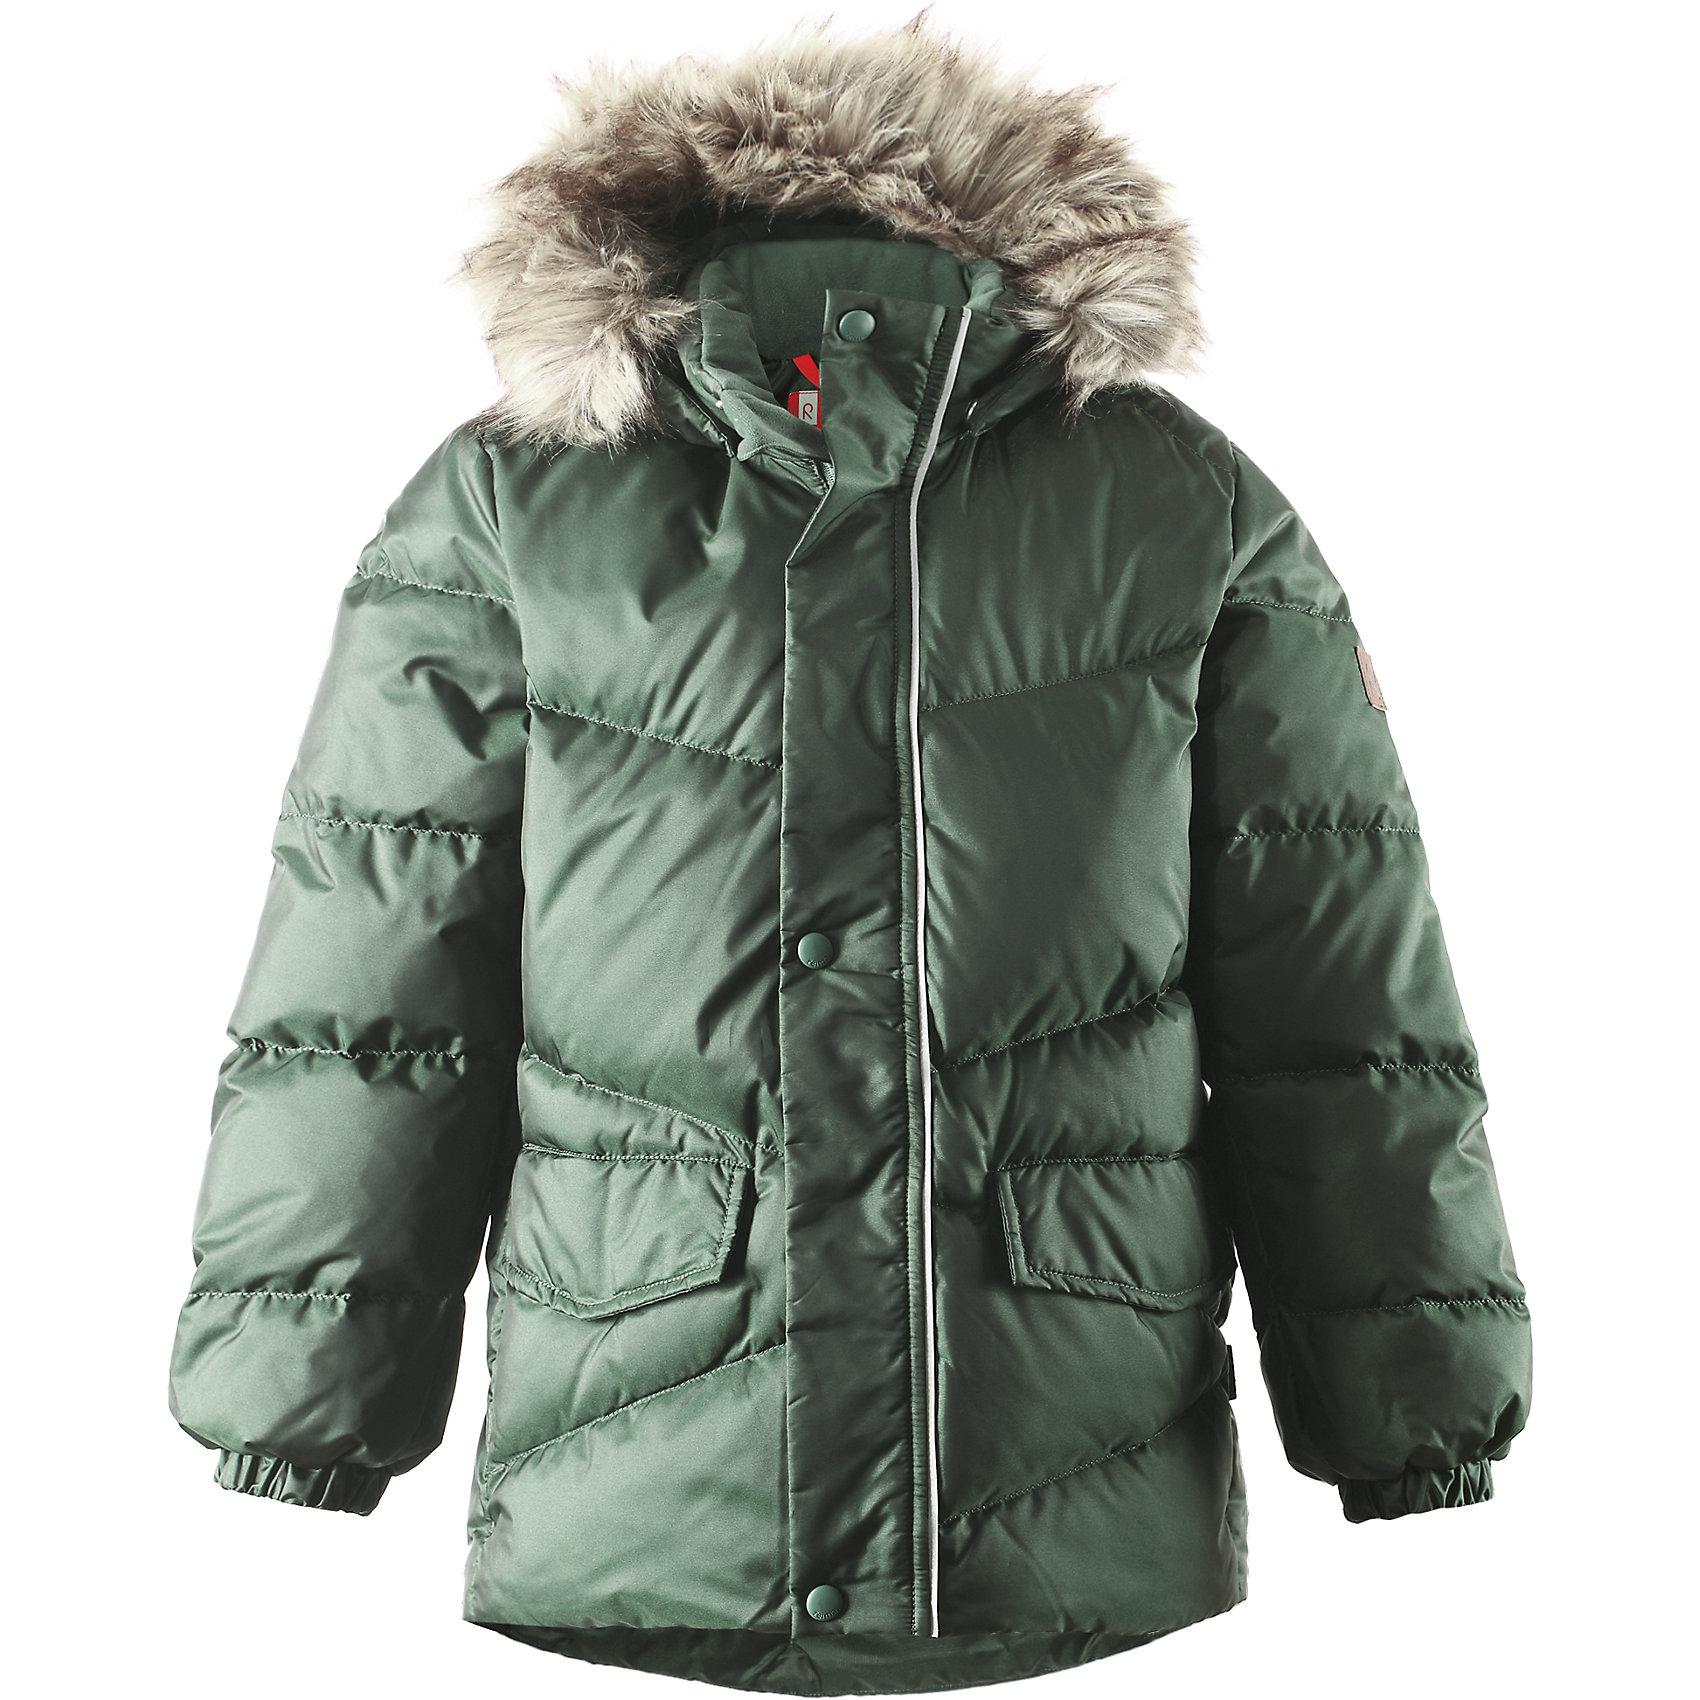 Куртка Pause для мальчика ReimaКуртка для мальчика Reima<br>Пуховая куртка для подростков. Водоотталкивающий, ветронепроницаемый, «дышащий» и грязеотталкивающий материал. Гладкая подкладка из полиэстра. В качестве утеплителя использованы пух и перо (60%/40%). Безопасный съемный капюшон с отсоединяемой меховой каймой из искусственного меха. Регулируемый подол. Два кармана с клапанами. Безопасные светоотражающие детали. Петля для дополнительных светоотражающих деталей.<br>Уход:<br>Стирать по отдельности, вывернув наизнанку. Перед стиркой отстегните искусственный мех. Застегнуть молнии и липучки. Стирать моющим средством, не содержащим отбеливающие вещества. Полоскать без специального средства. Во избежание изменения цвета изделие необходимо вынуть из стиральной машинки незамедлительно после окончания программы стирки. Барабанное сушение при низкой температуре с 3 теннисными мячиками. Выверните изделие наизнанку в середине сушки.<br>Состав:<br>65% Полиамид, 35% Полиэстер, полиуретановое покрытие<br><br>Ширина мм: 356<br>Глубина мм: 10<br>Высота мм: 245<br>Вес г: 519<br>Цвет: зеленый<br>Возраст от месяцев: 72<br>Возраст до месяцев: 84<br>Пол: Мужской<br>Возраст: Детский<br>Размер: 122,158,152,128,134,140,116,146,164,110,104<br>SKU: 4778315